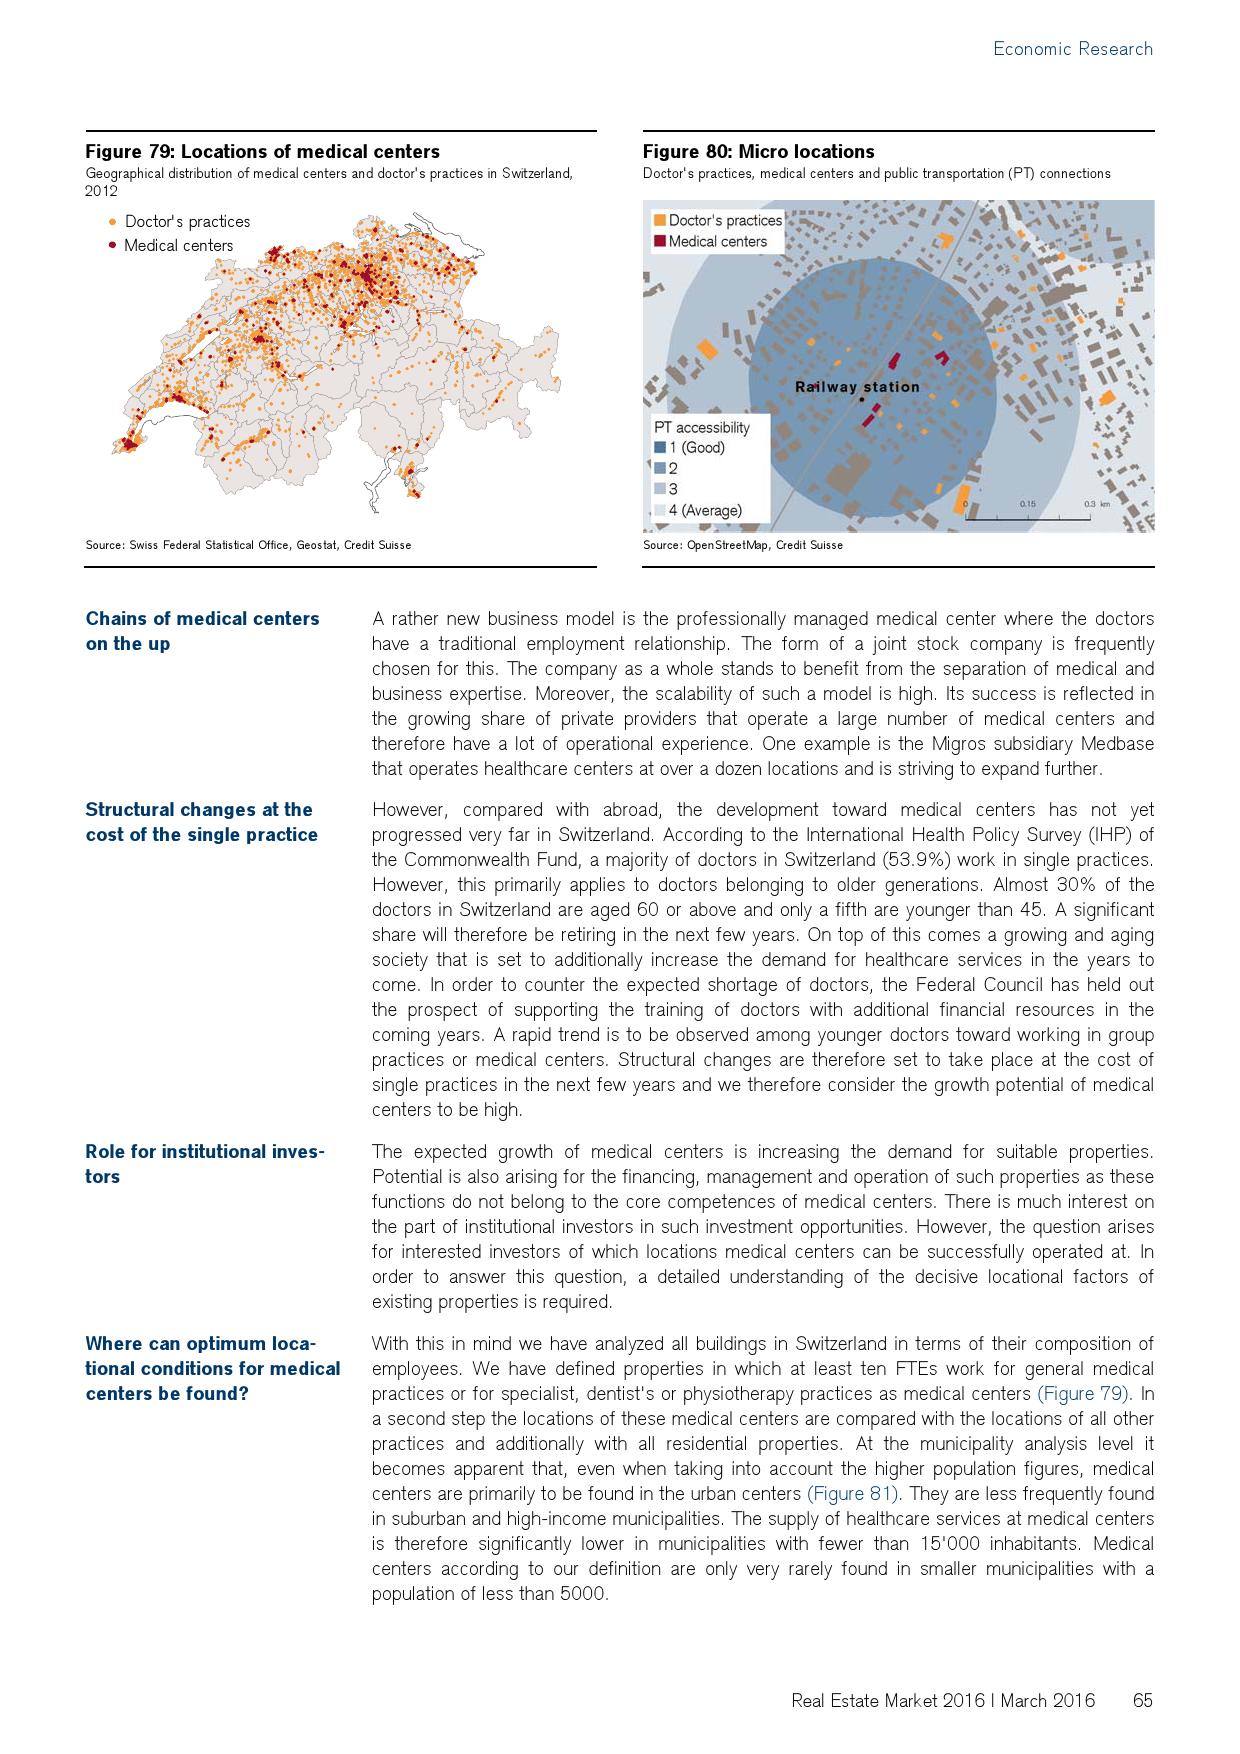 2016年瑞士房地产市场研究报告_000065